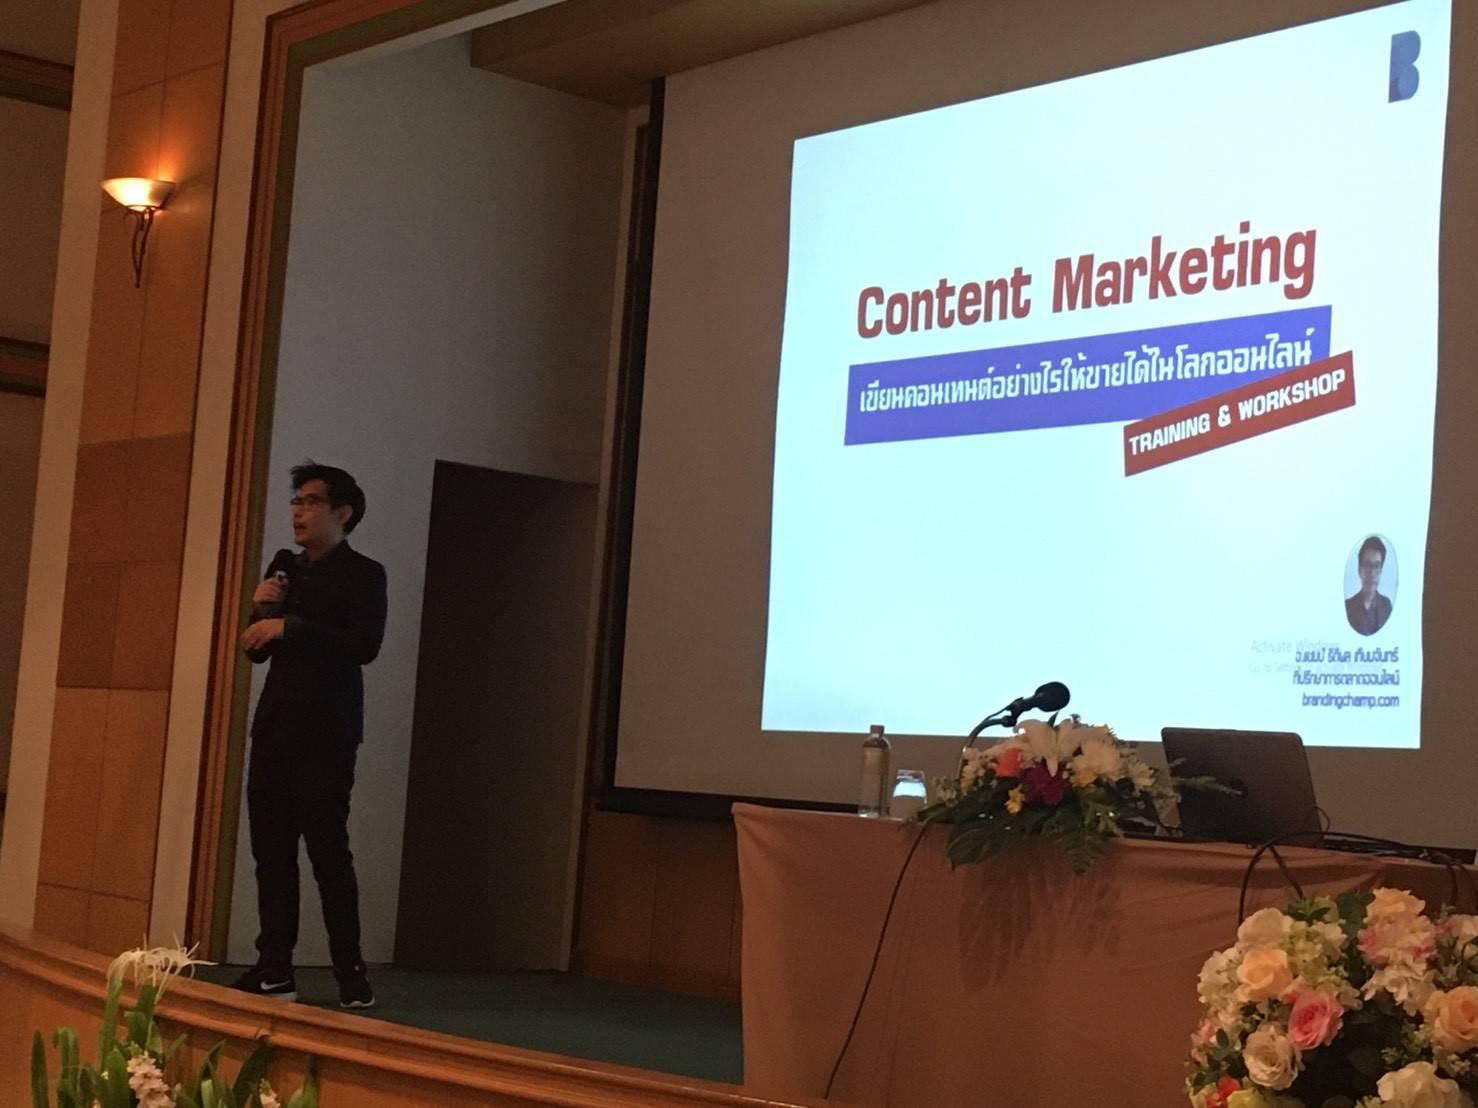 วิทยากร Content Marketing